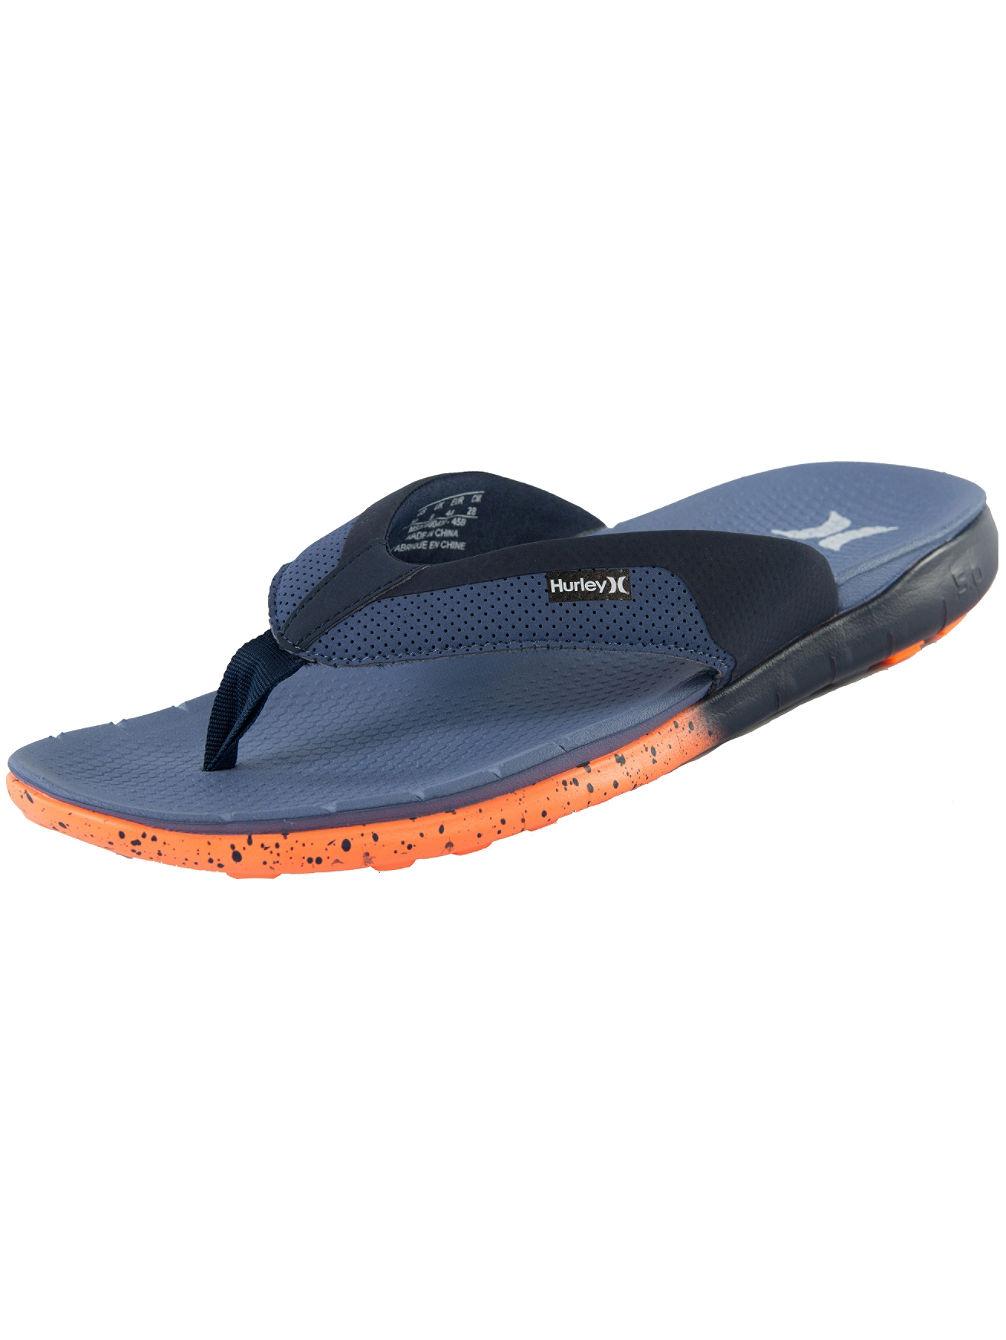 d13e4f5e0 Buy Hurley Phantom Free Motion Sandals online at Blue Tomato